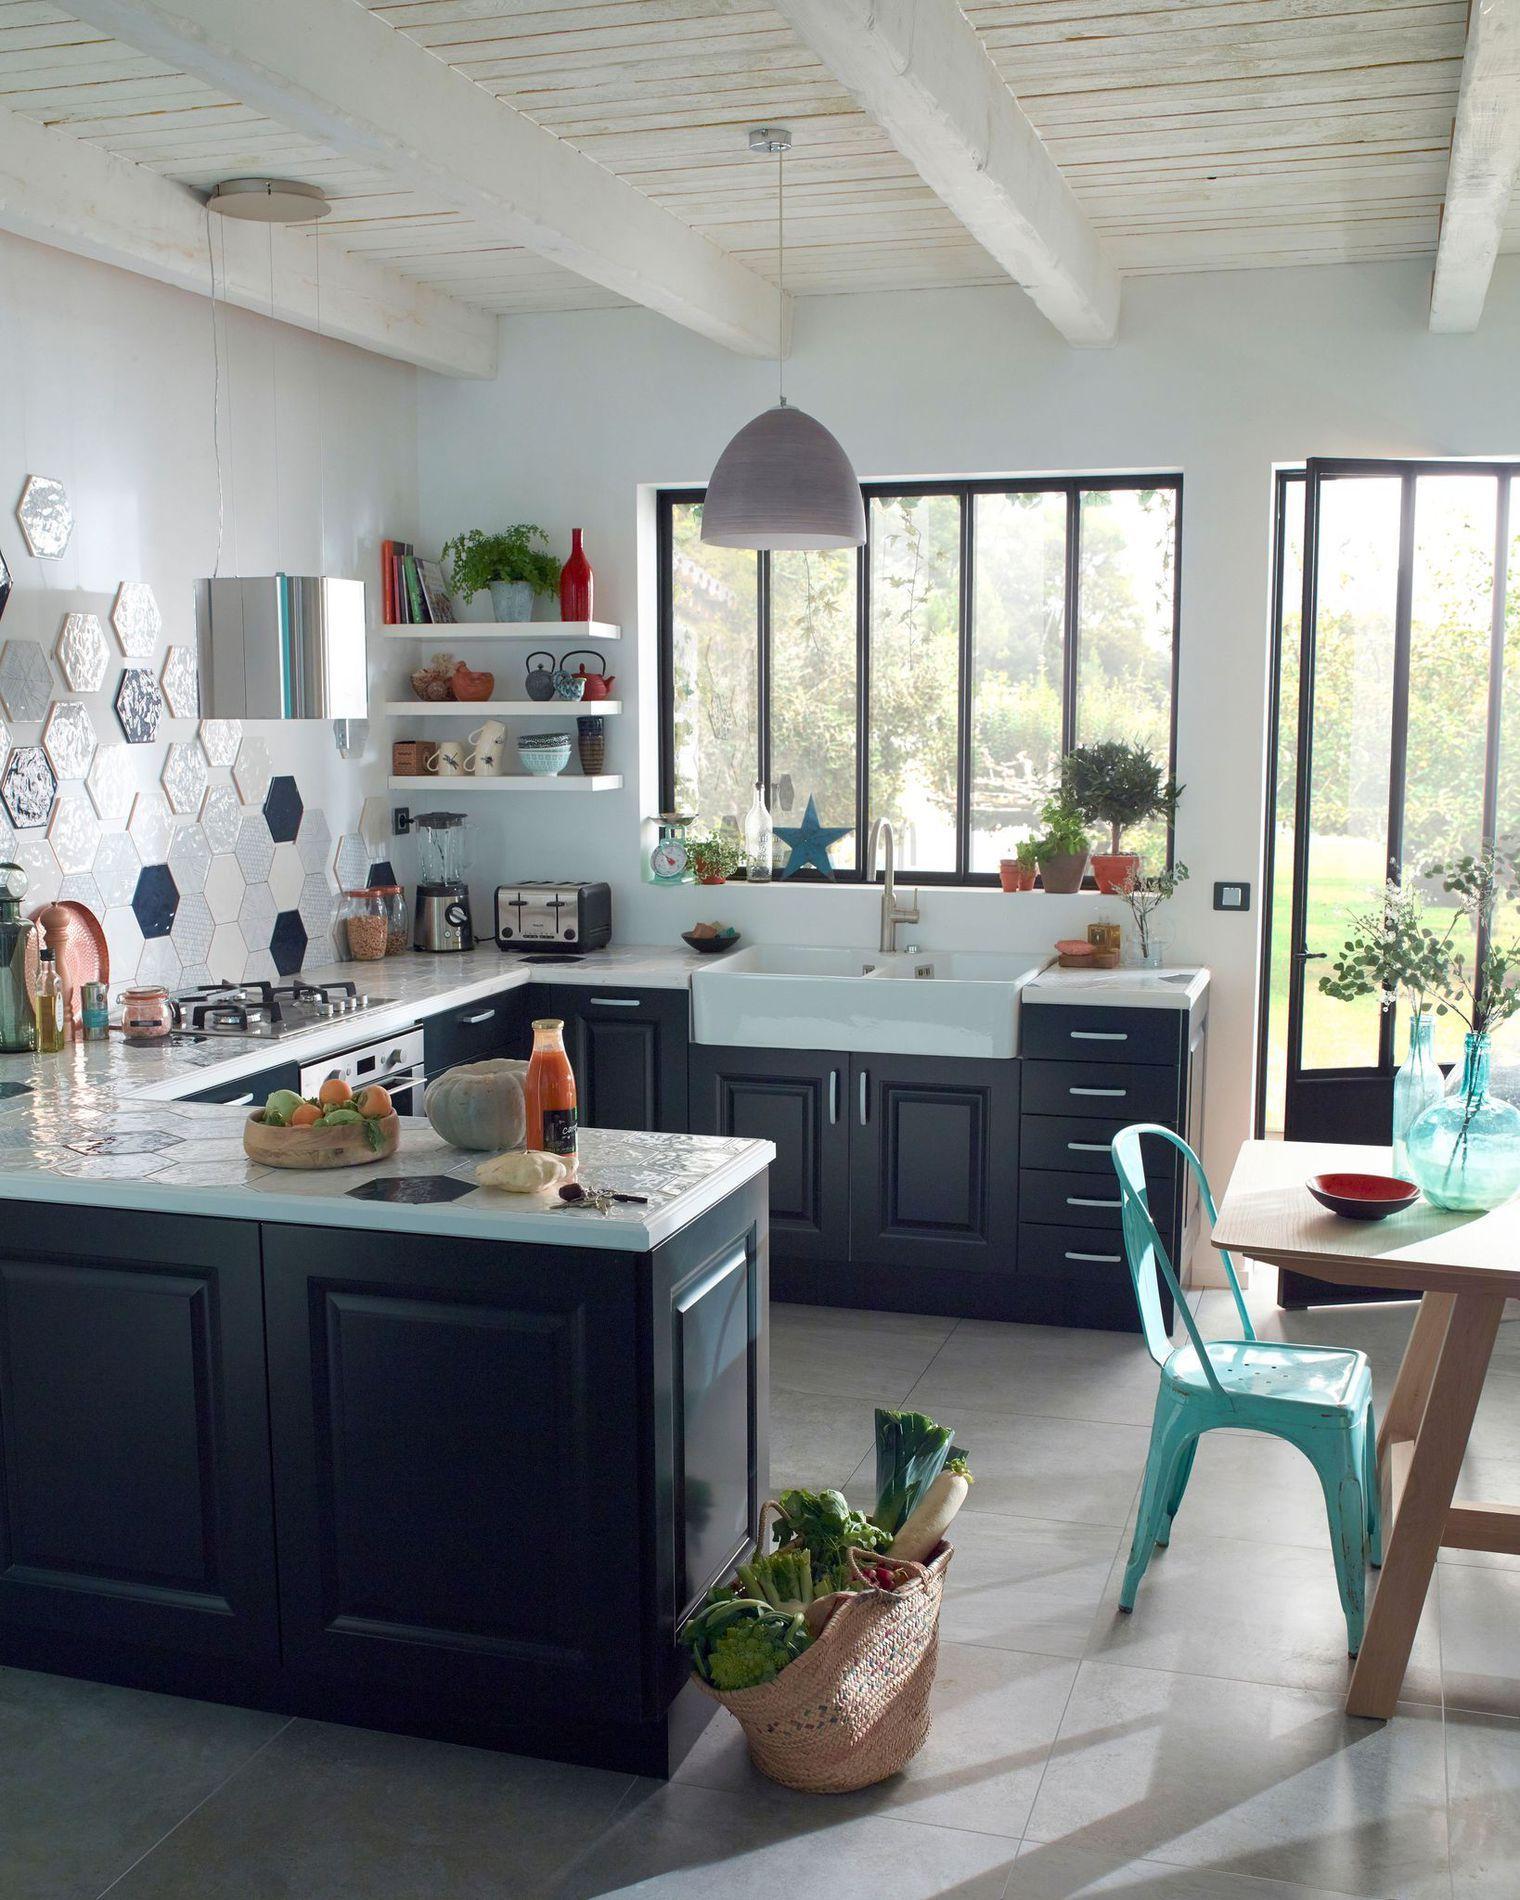 Carrelage Cuisine Des Modèles Tendance Pour La Cuisine - Carrelage hexagonal cuisine pour idees de deco de cuisine